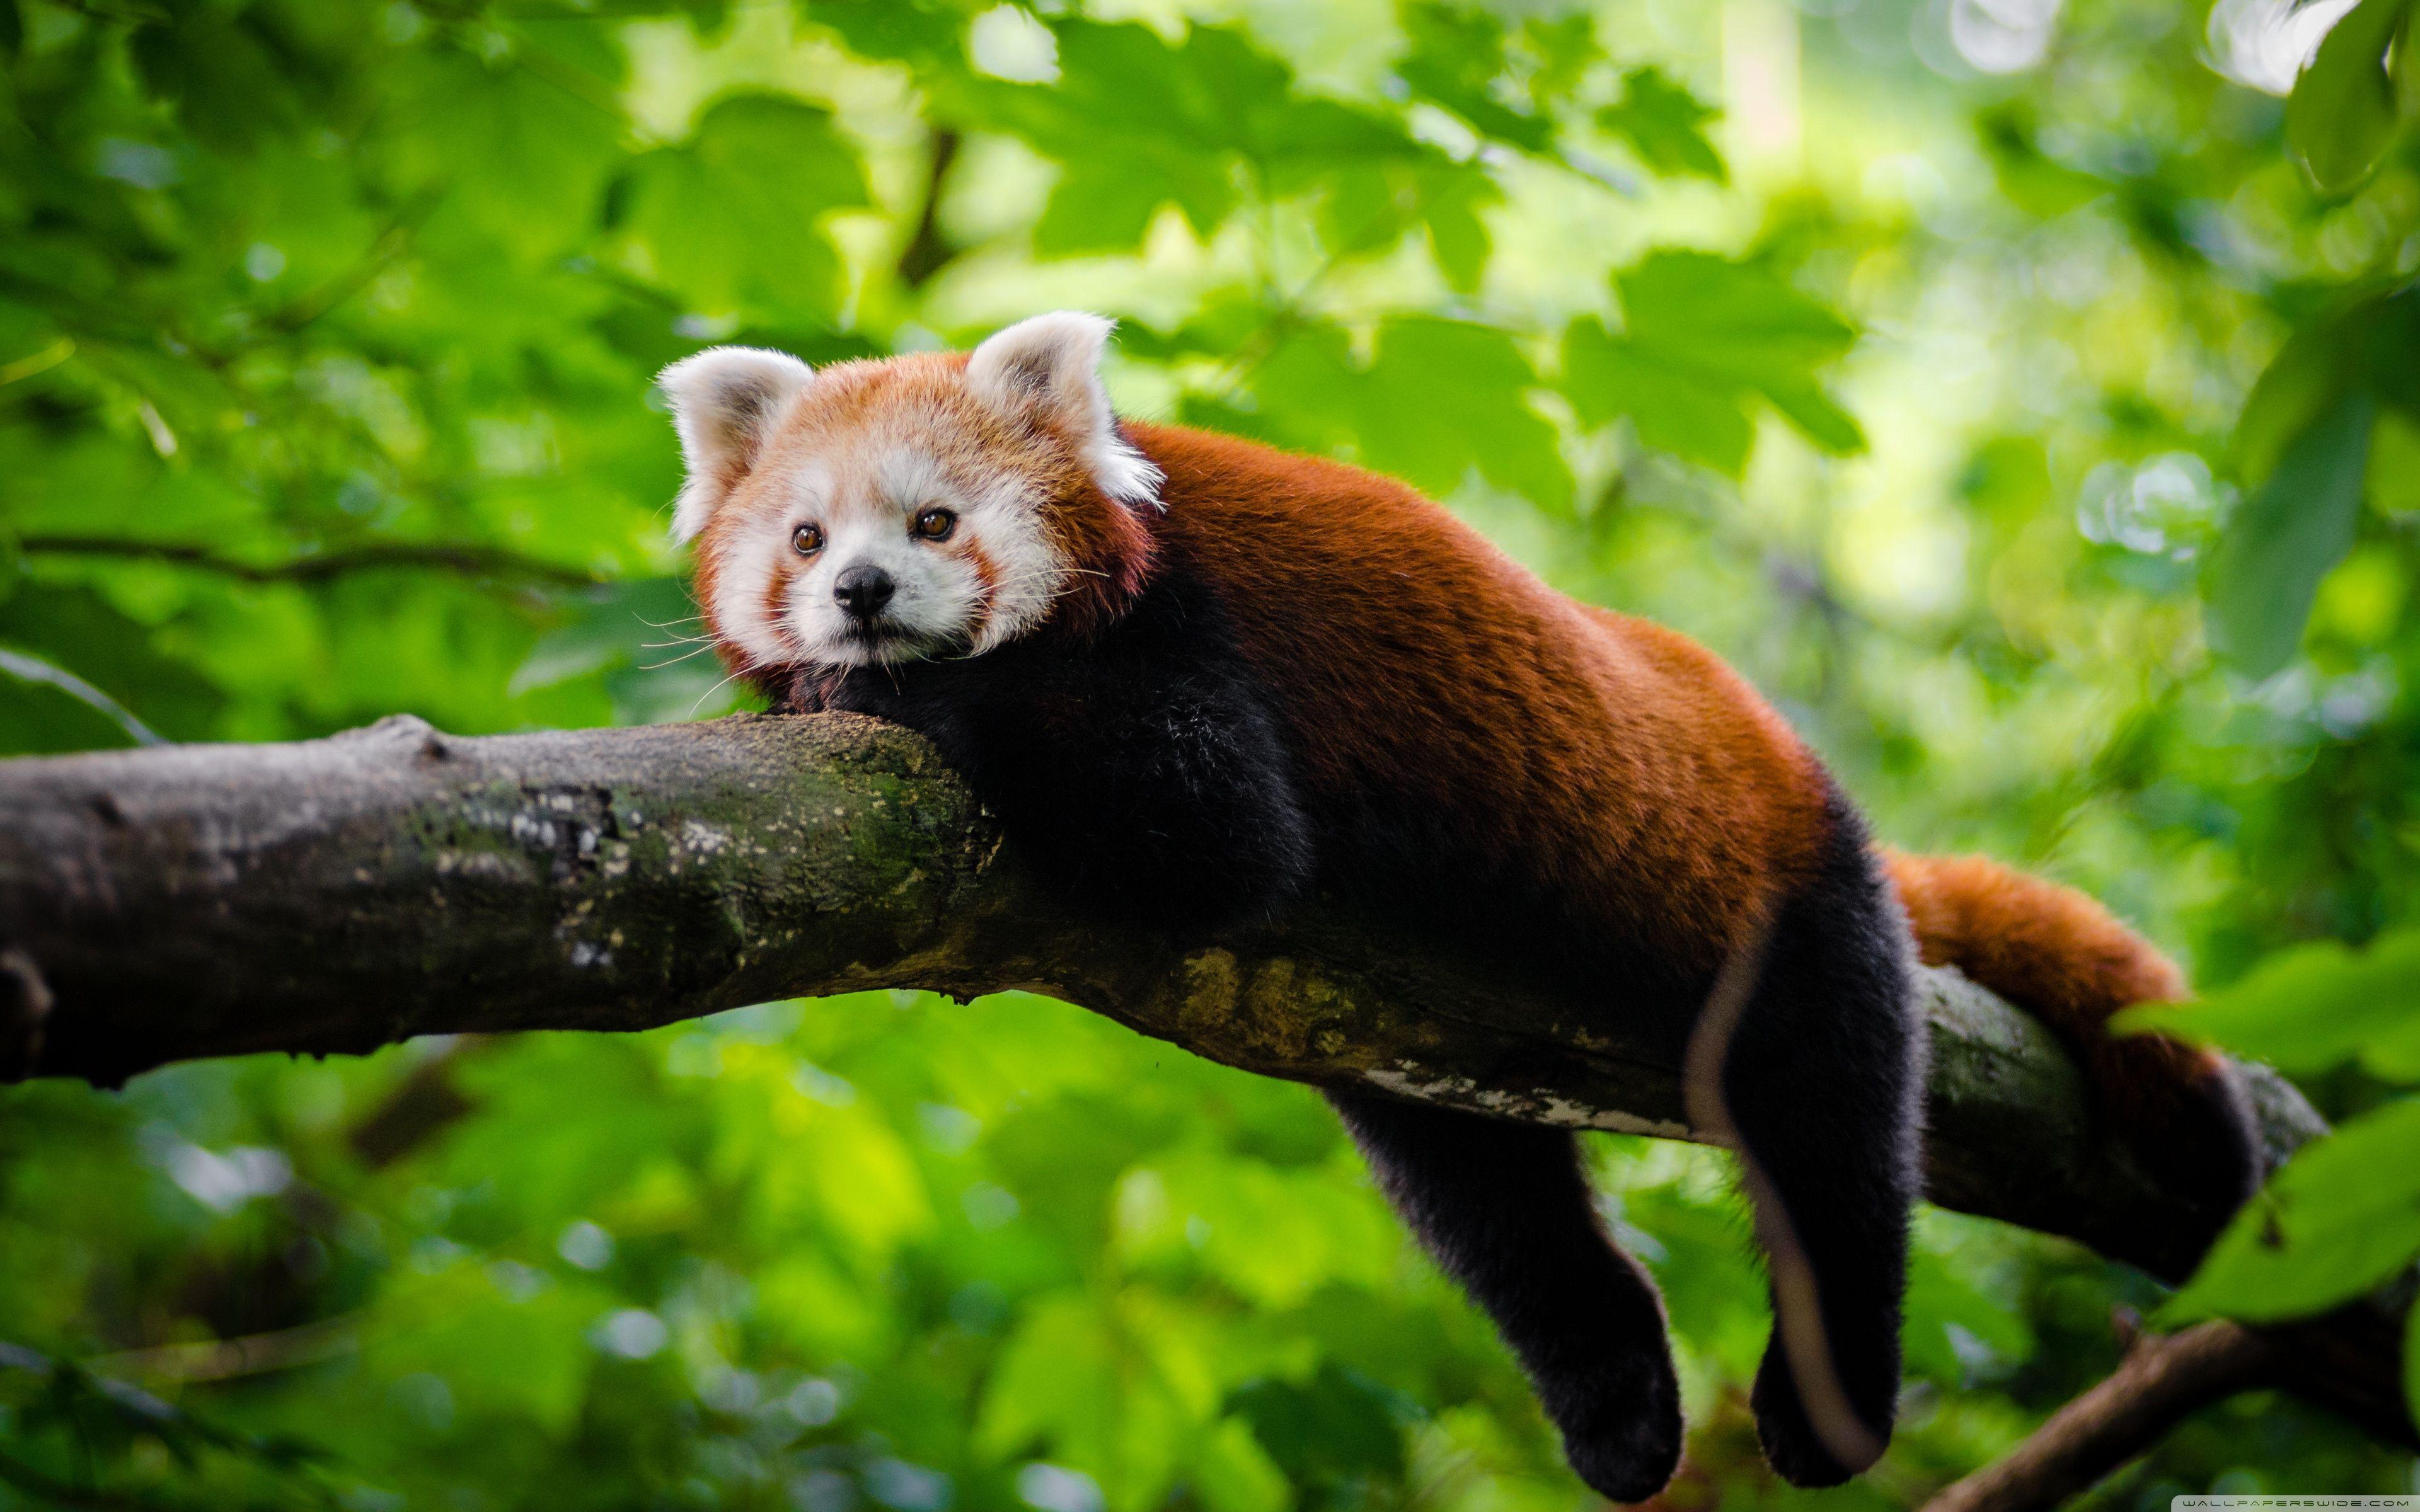 Red Panda Cute Wallpapers - Top Free Red Panda Cute ...